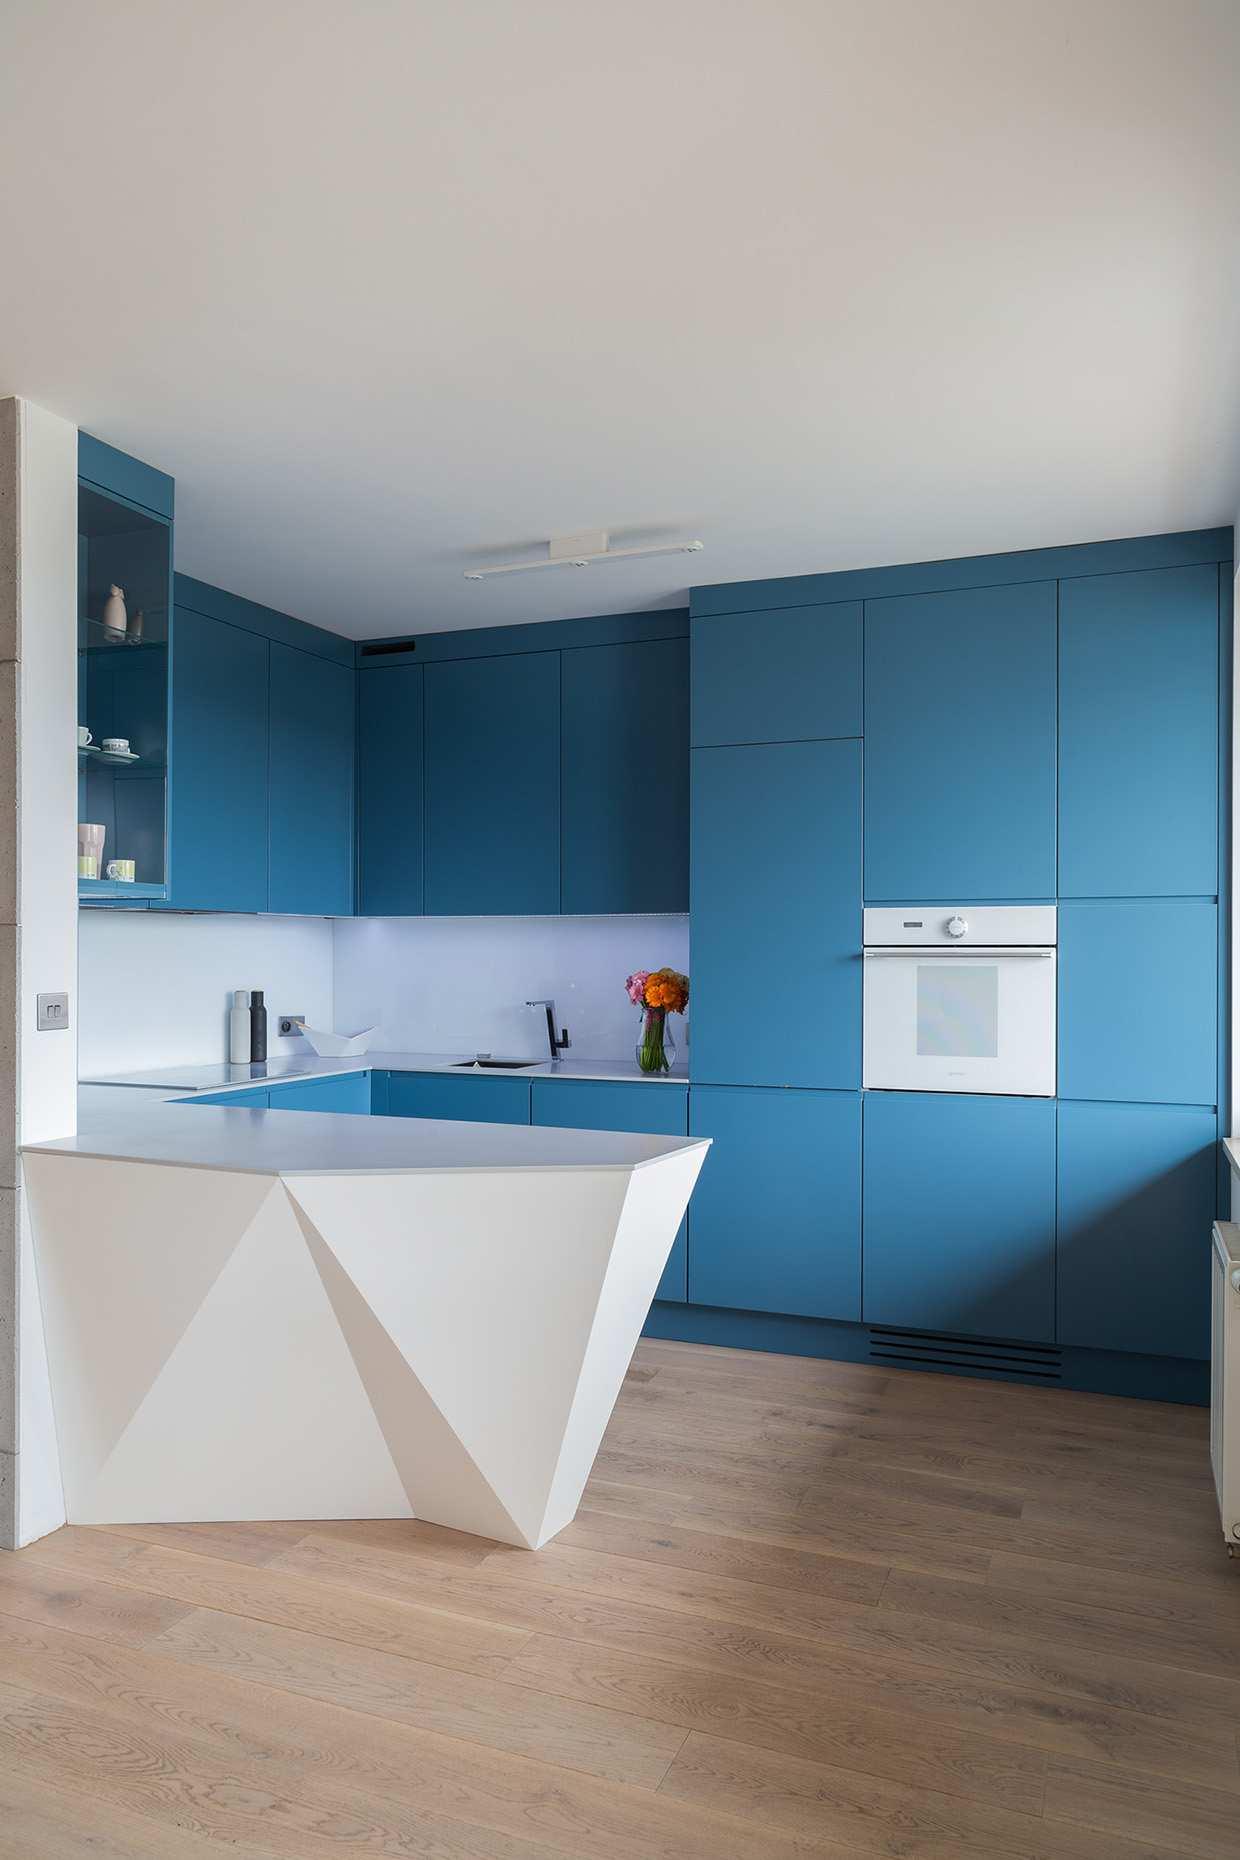 طراحی 30 نمونه آشپزخانه به رنگ آبی - Blue Kitchens 24